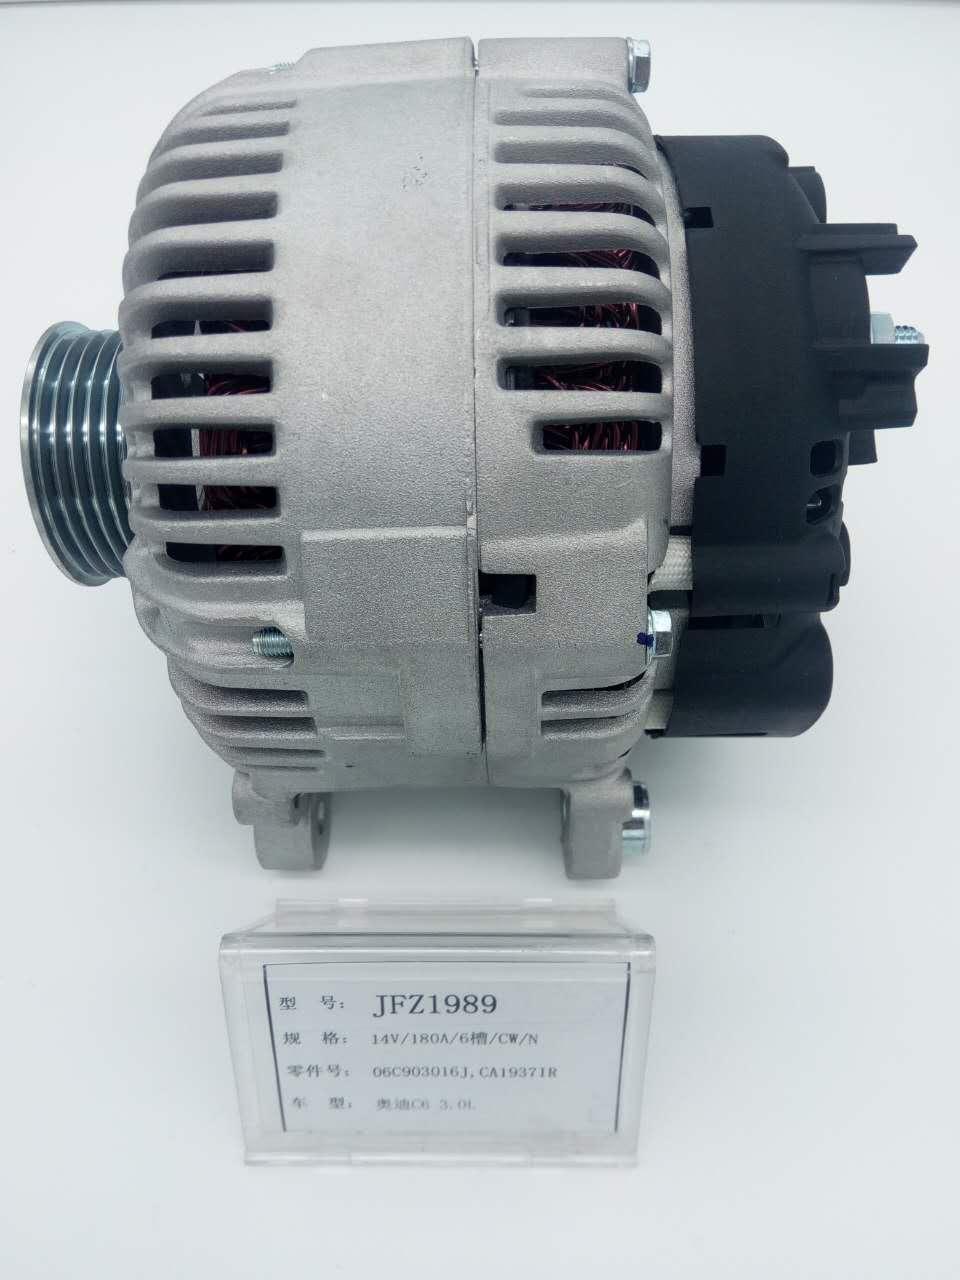 奧迪C6 3.0發電機-06C903016J-TG176022